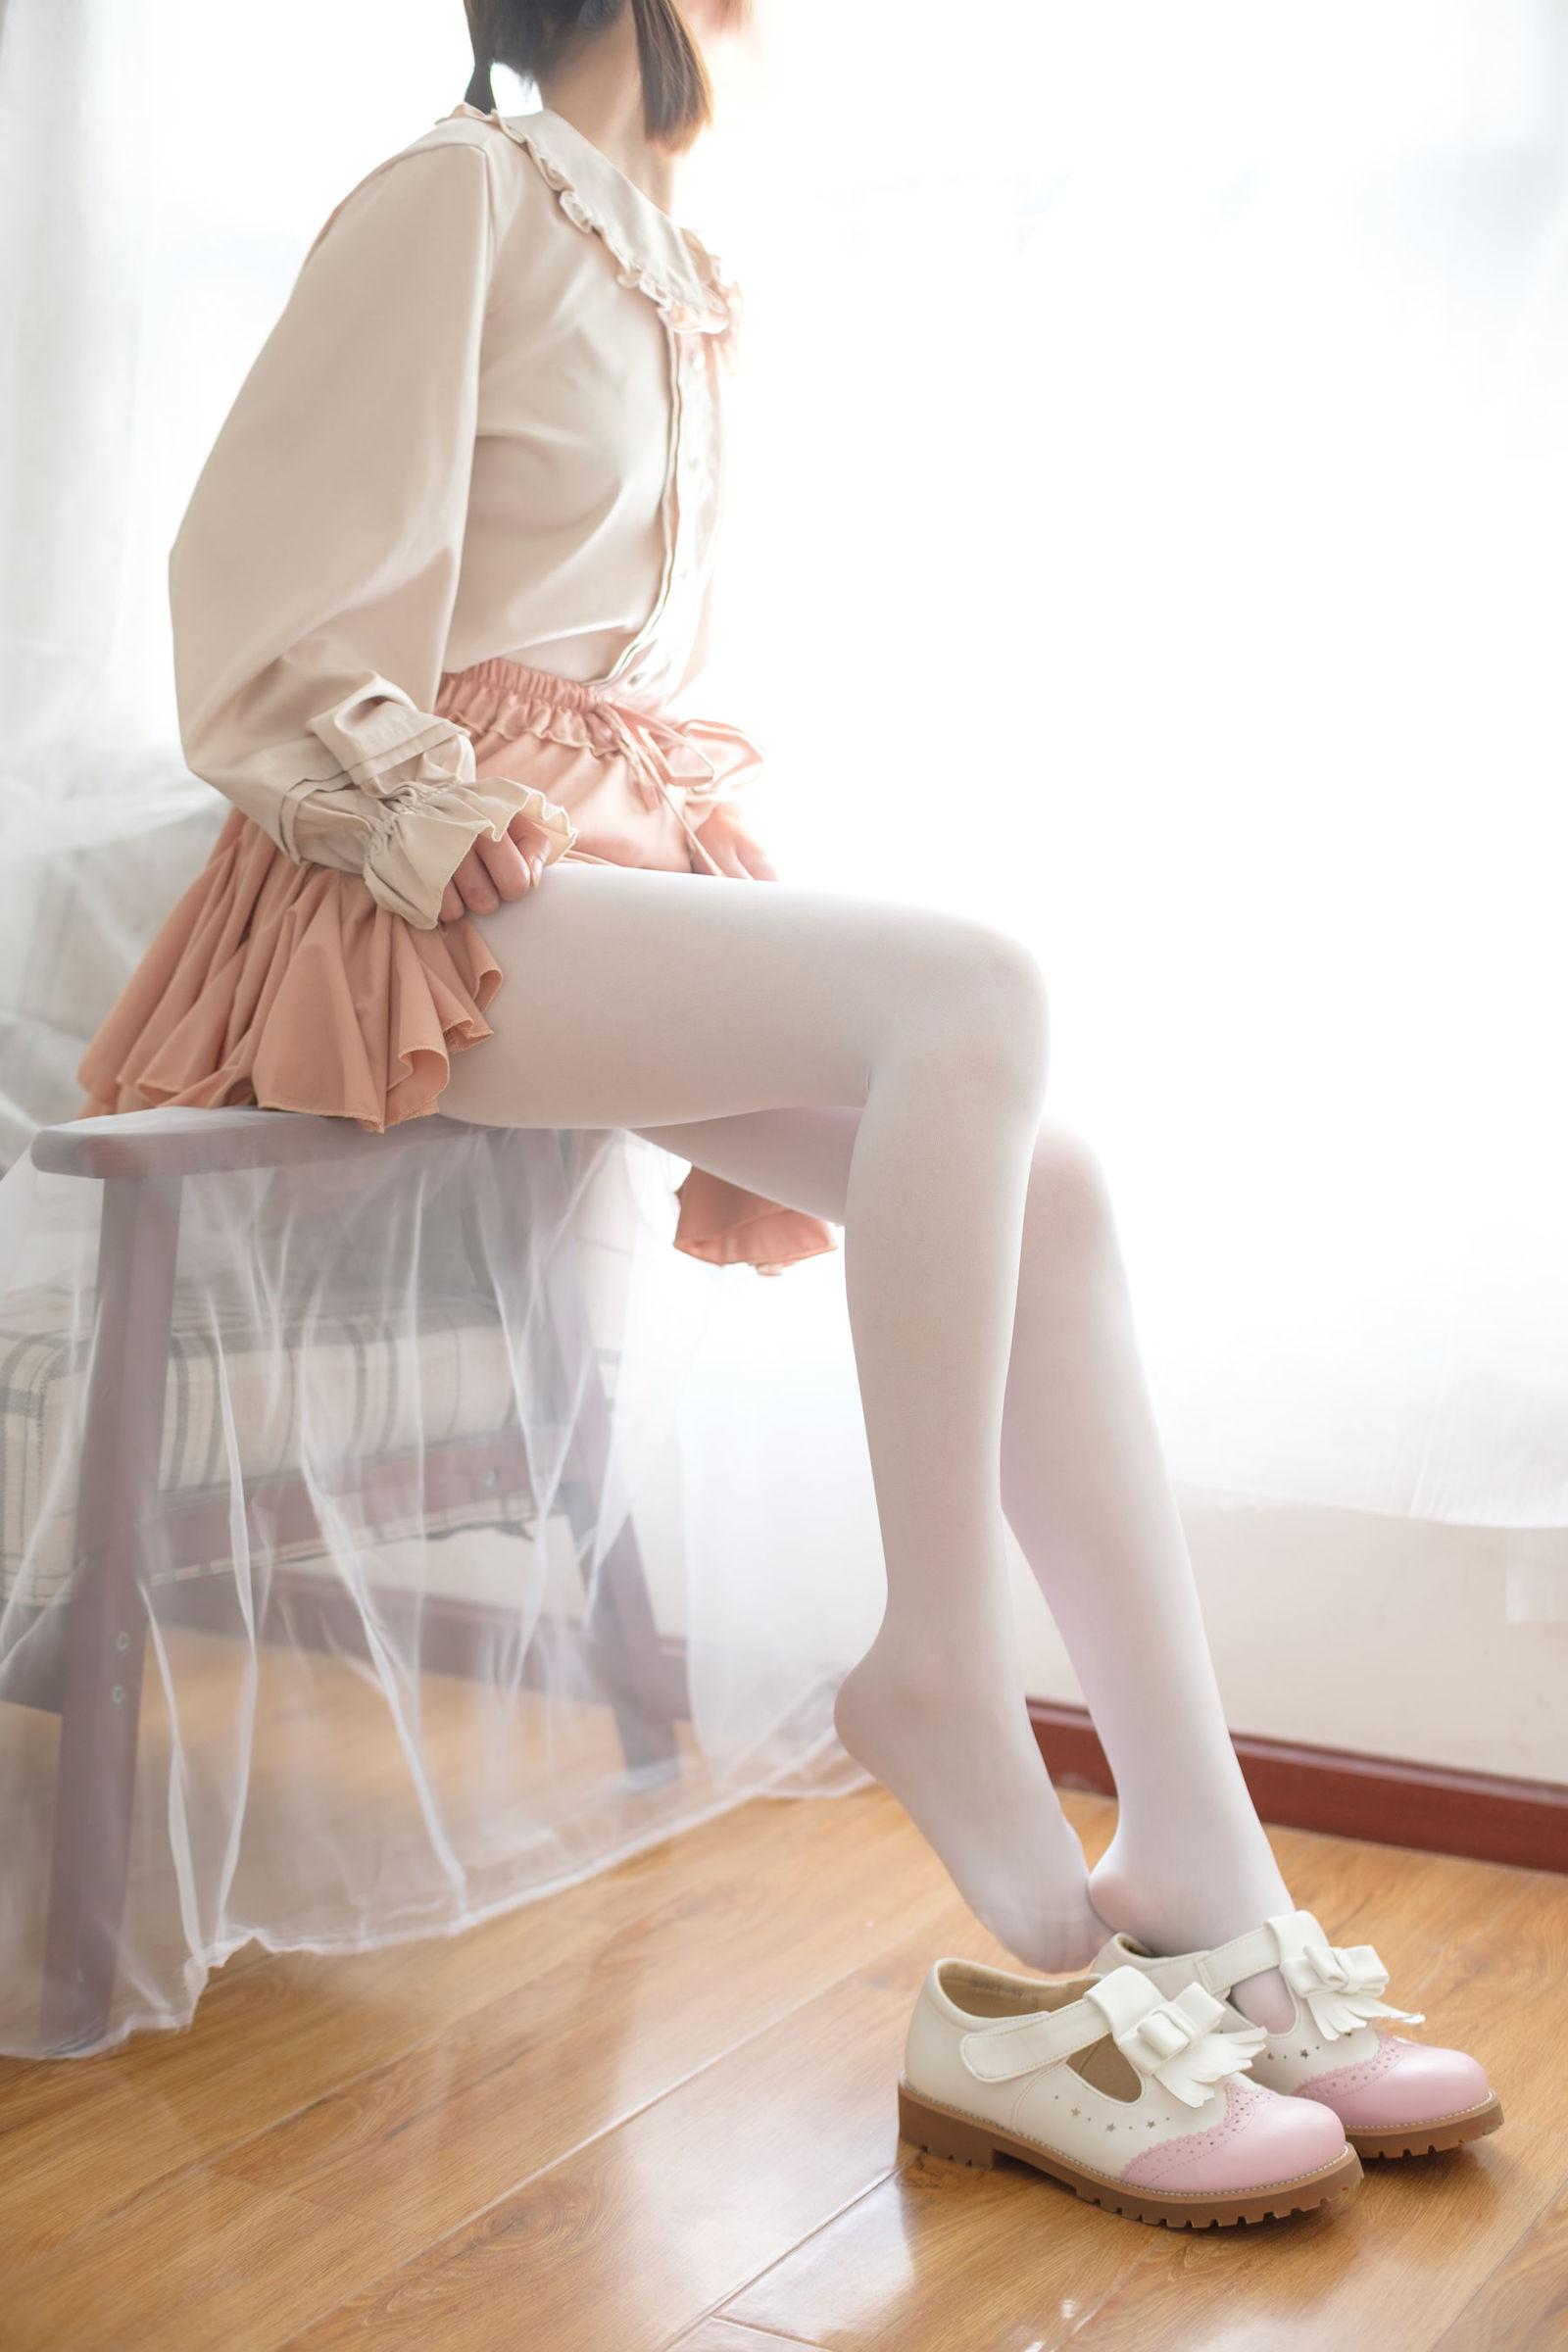 福利美图 萝莉白丝---丝袜写真-第9张图片-哔哔娱乐网